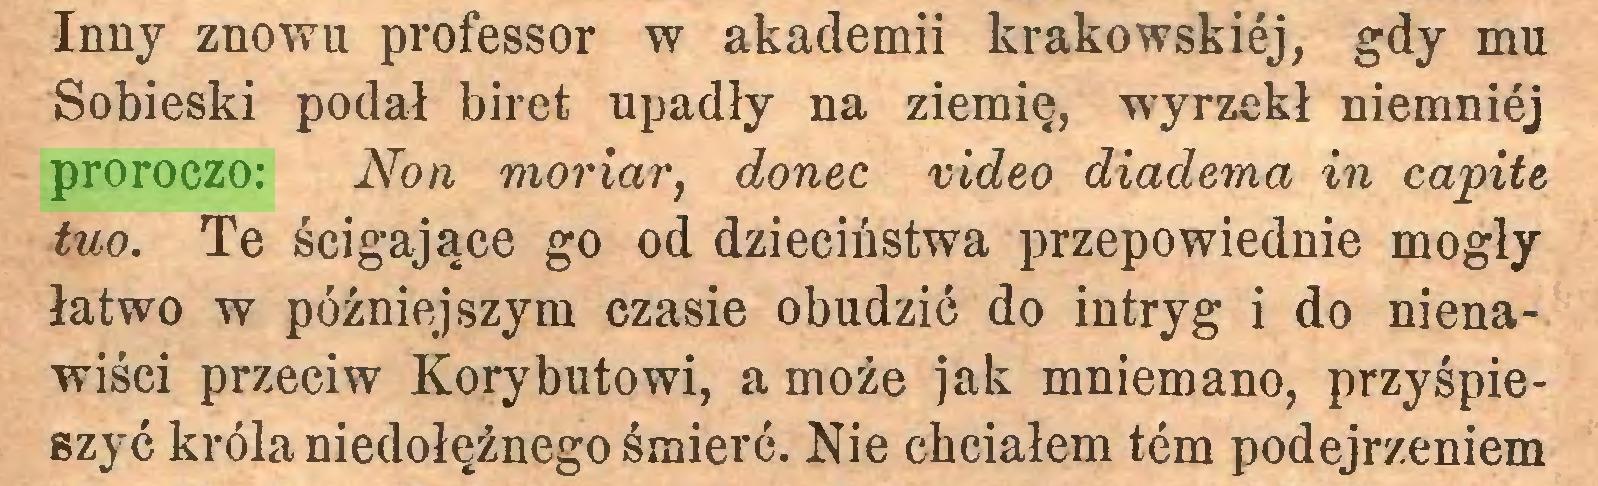 (...) Inny znowu professor w akademii krakowskiej, gdy mu Sobieski podał biret upadły na ziemię, wyrzekł niemnićj proroczo: Non moriar, donee video diadema in capite tuo. Te ścigające go od dzieciństwa przepowiednie mogły łatwo w późniejszym czasie obudzić do intryg i do nienawiści przeciw Korybutowi, a może jak mniemano, przyśpieszyć króla niedołężnego śmierć. Nie chciałem tern podejrzeniem...